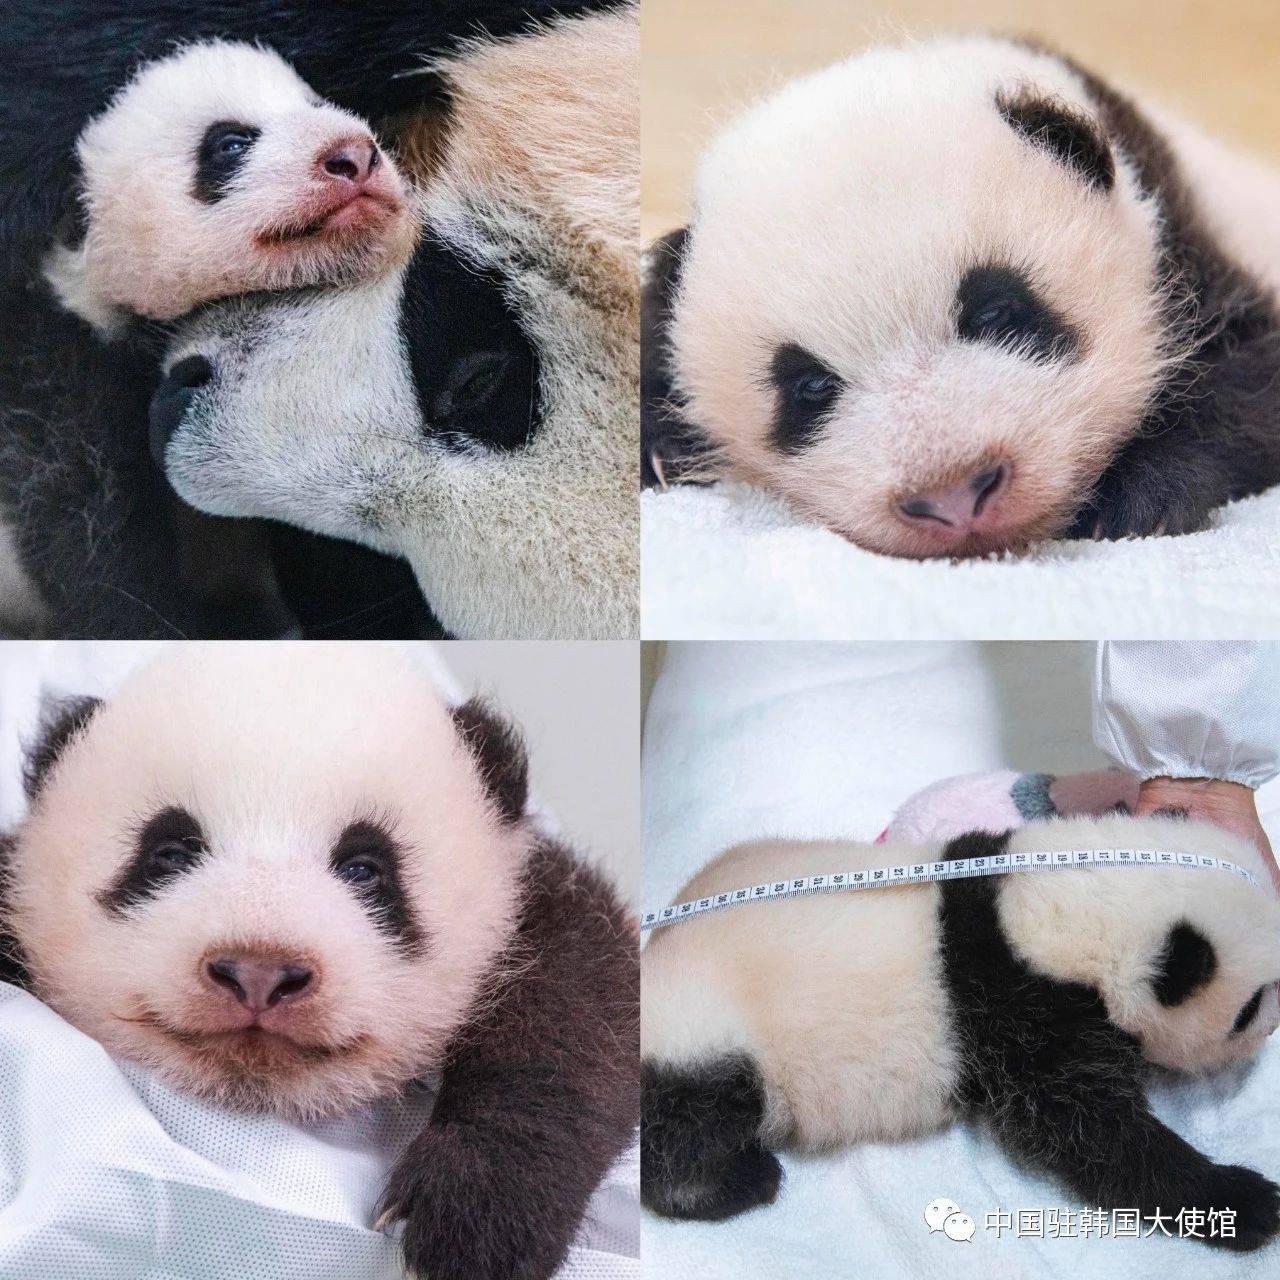 寓意像星星一样闪耀 韩国女星看熊猫宝宝